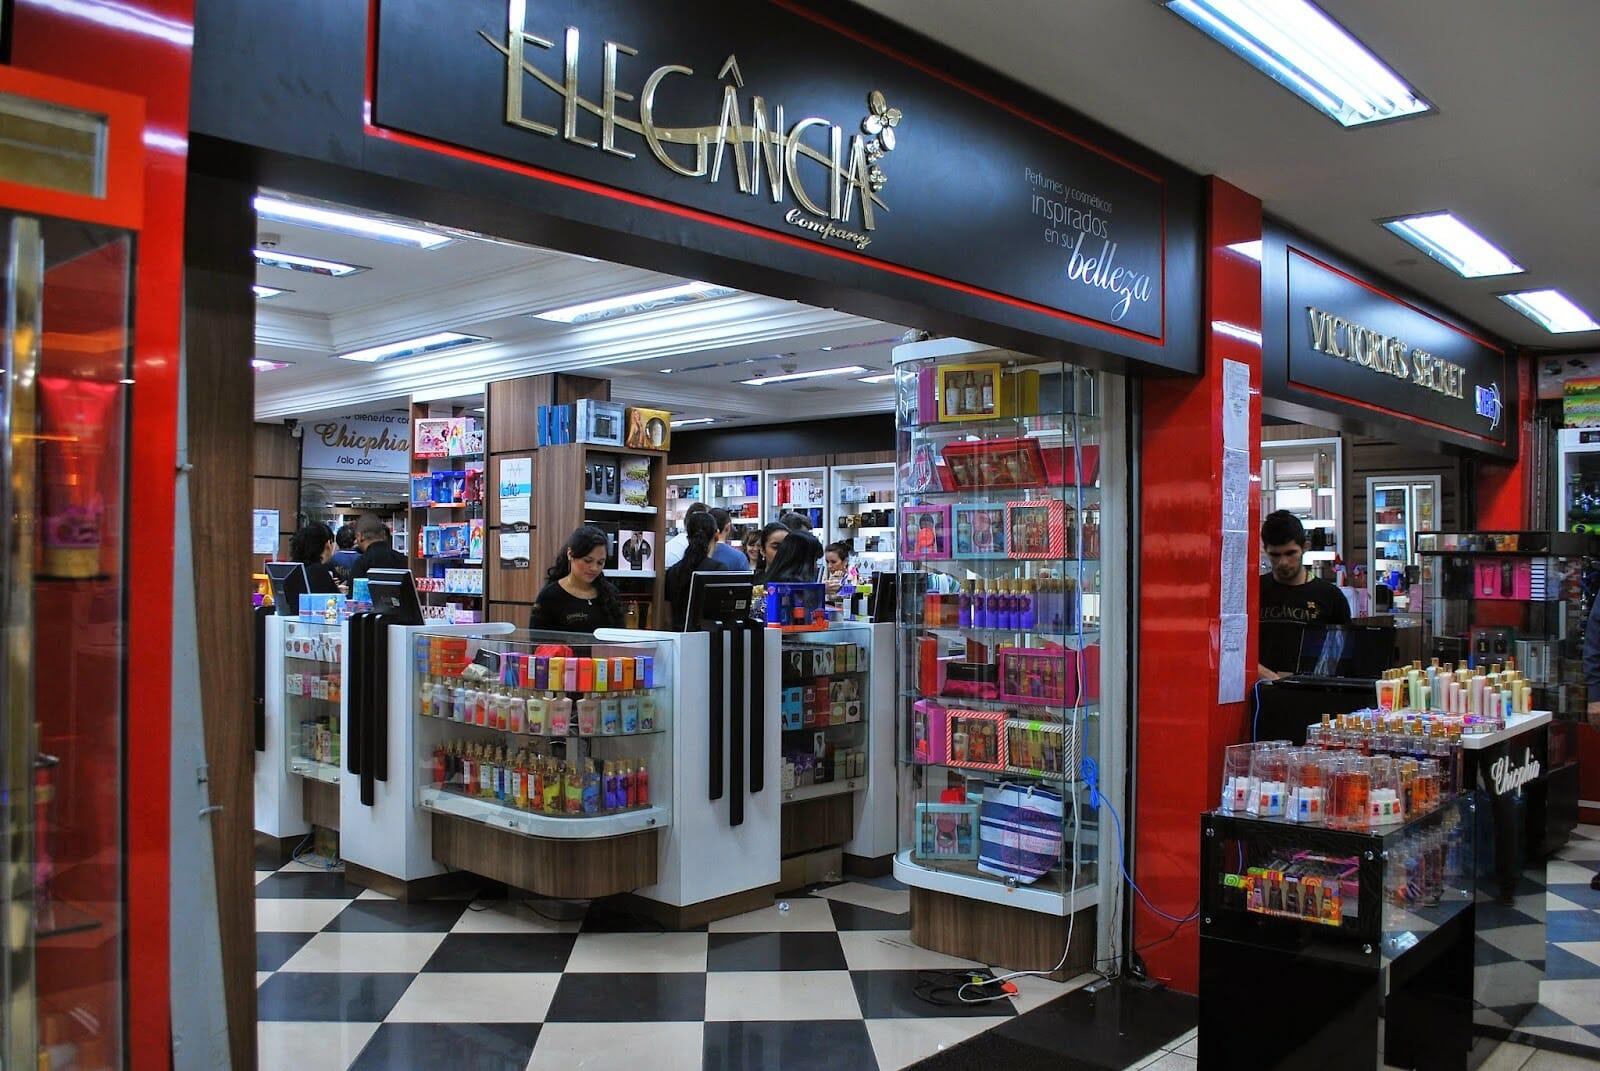 perfumes no Paraguai, 05 dicas de lojas para comprar perfumes no Paraguai, Passeios em Foz do Iguaçu | Combos em Foz com desconto, Passeios em Foz do Iguaçu | Combos em Foz com desconto